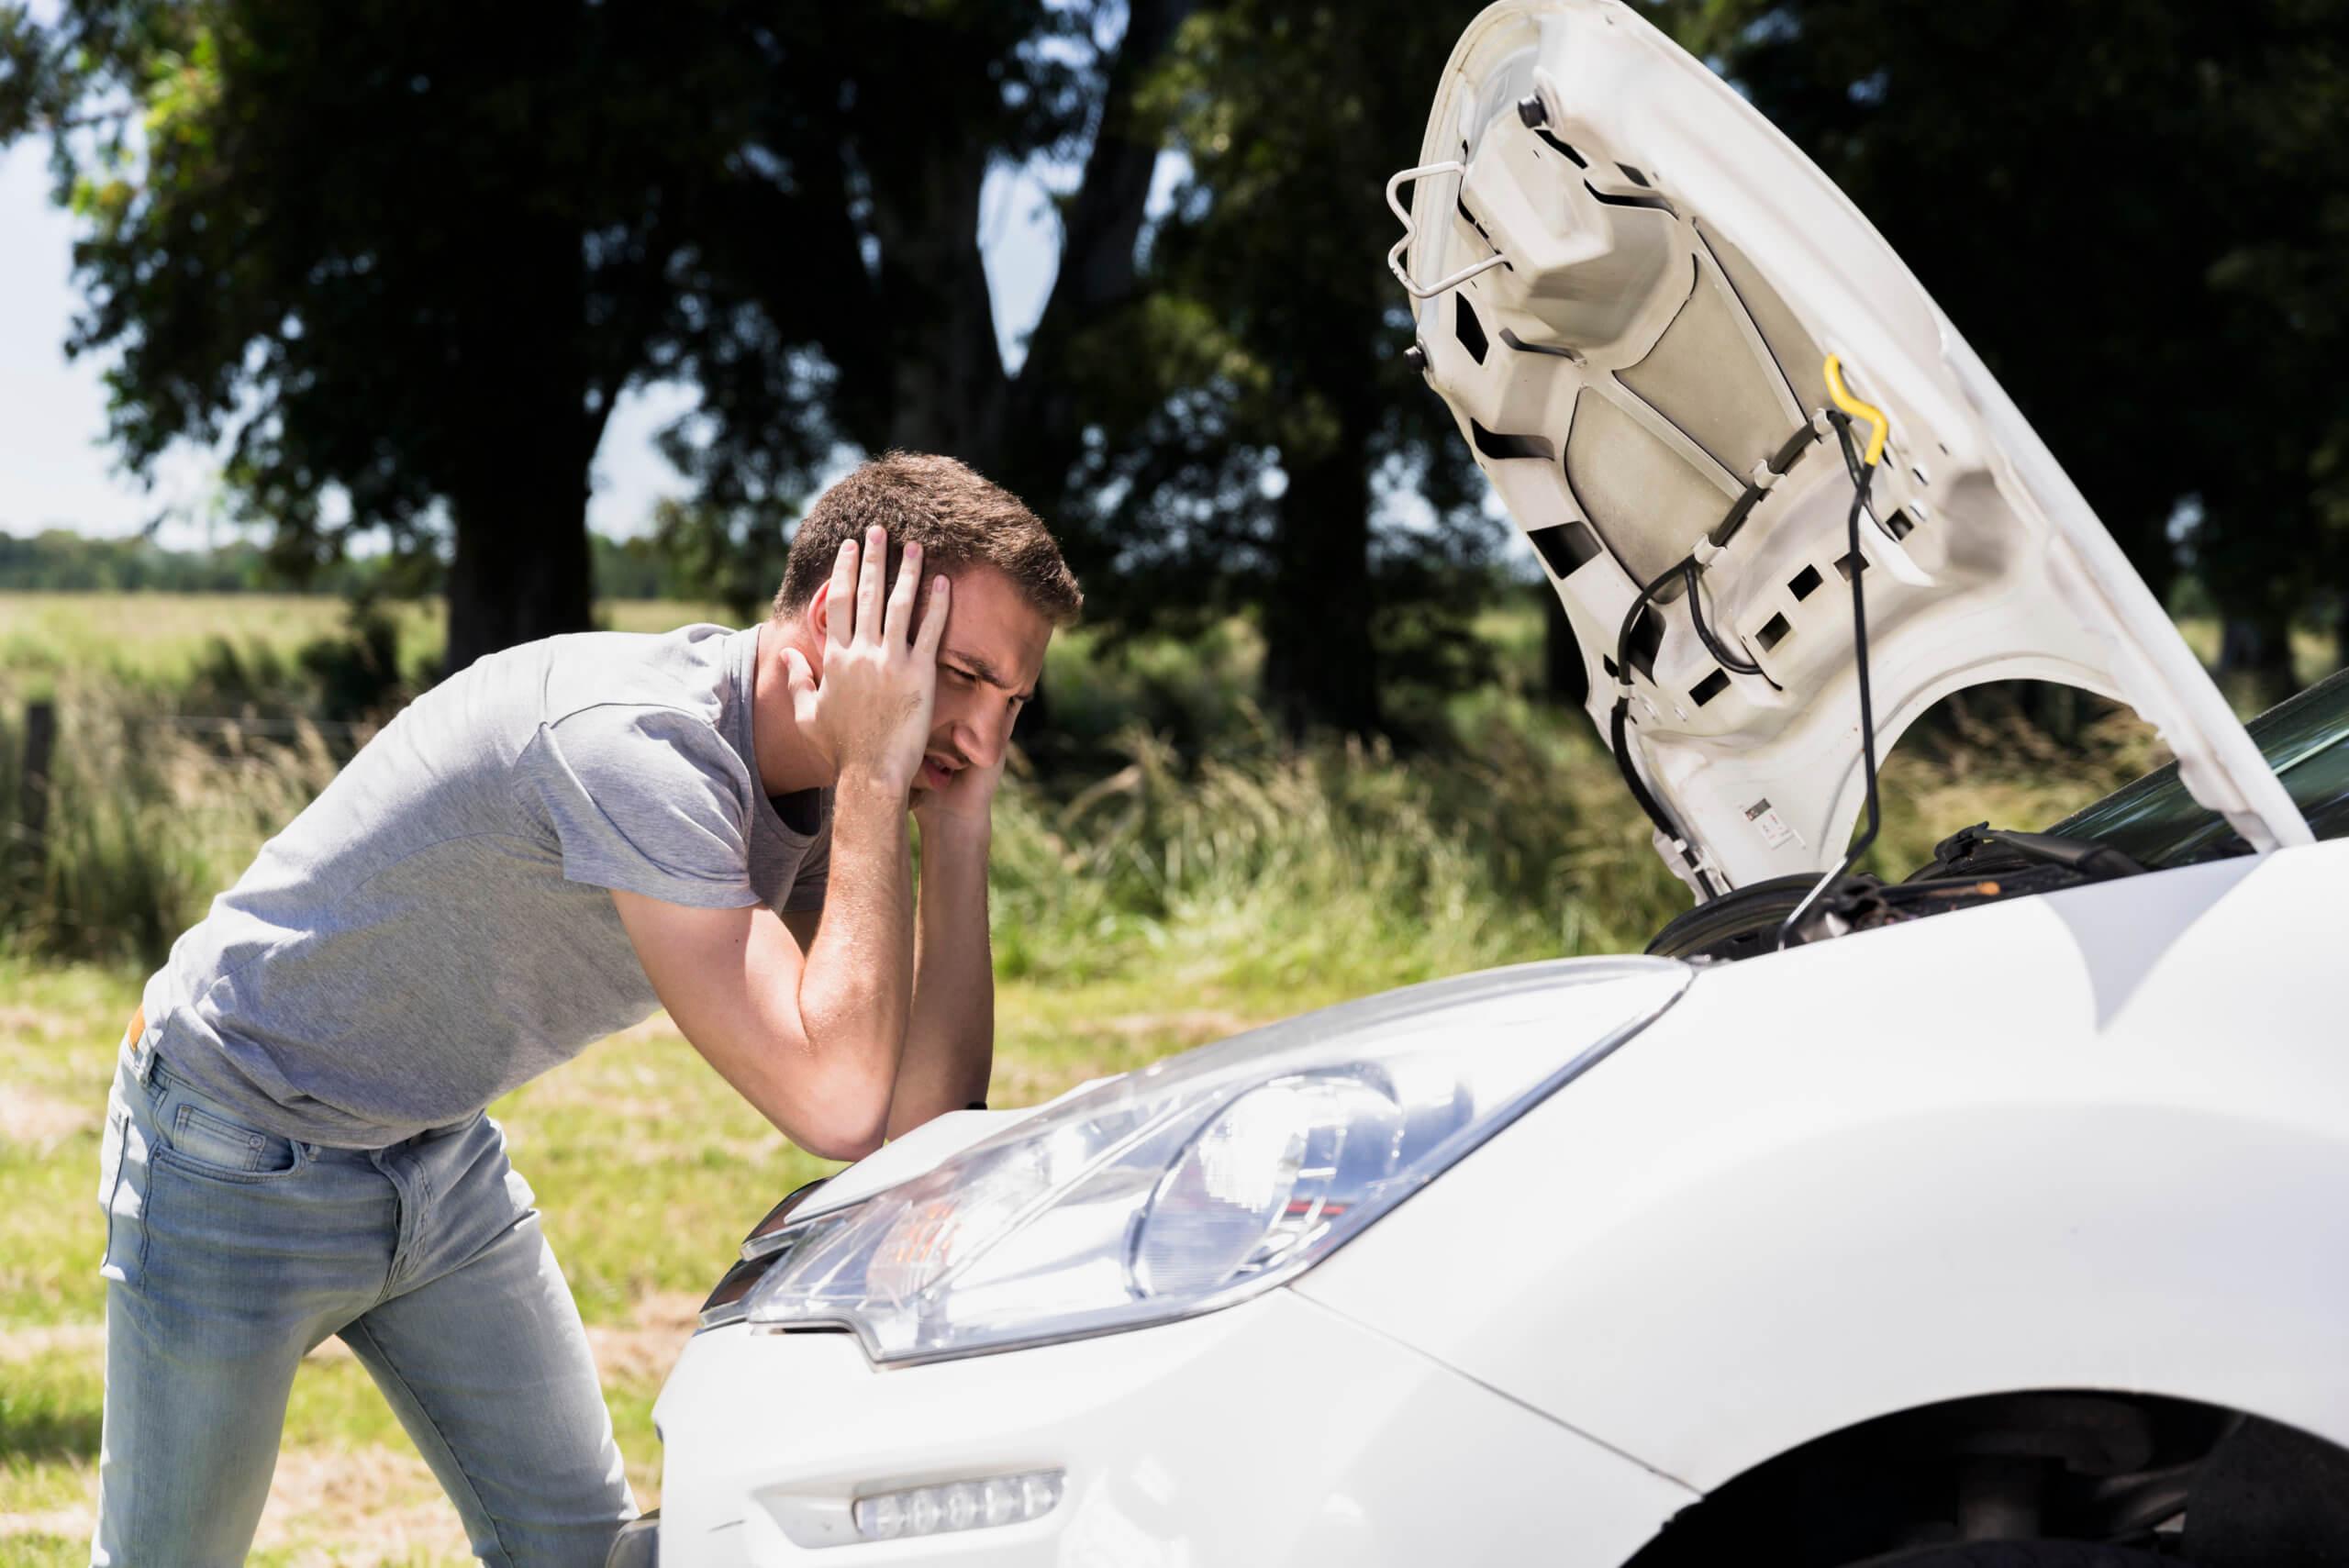 Imagem de um motorista preocupado com a bomba de gasolina de seu veículo